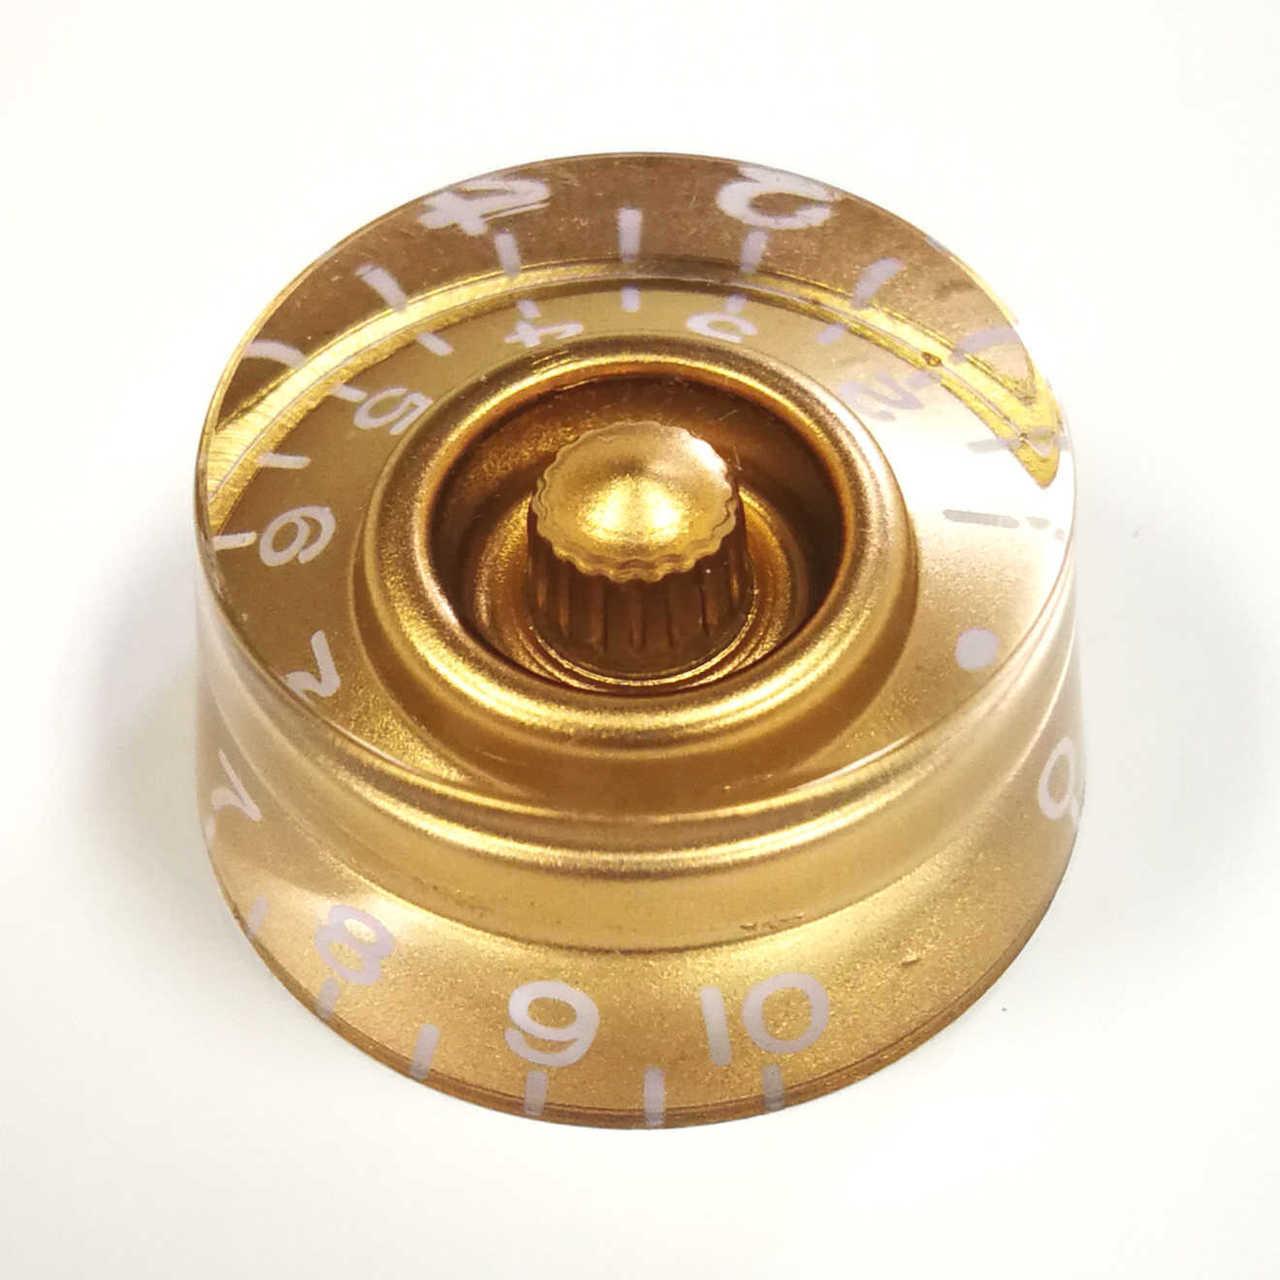 Speed Knob - 18-spline Gold